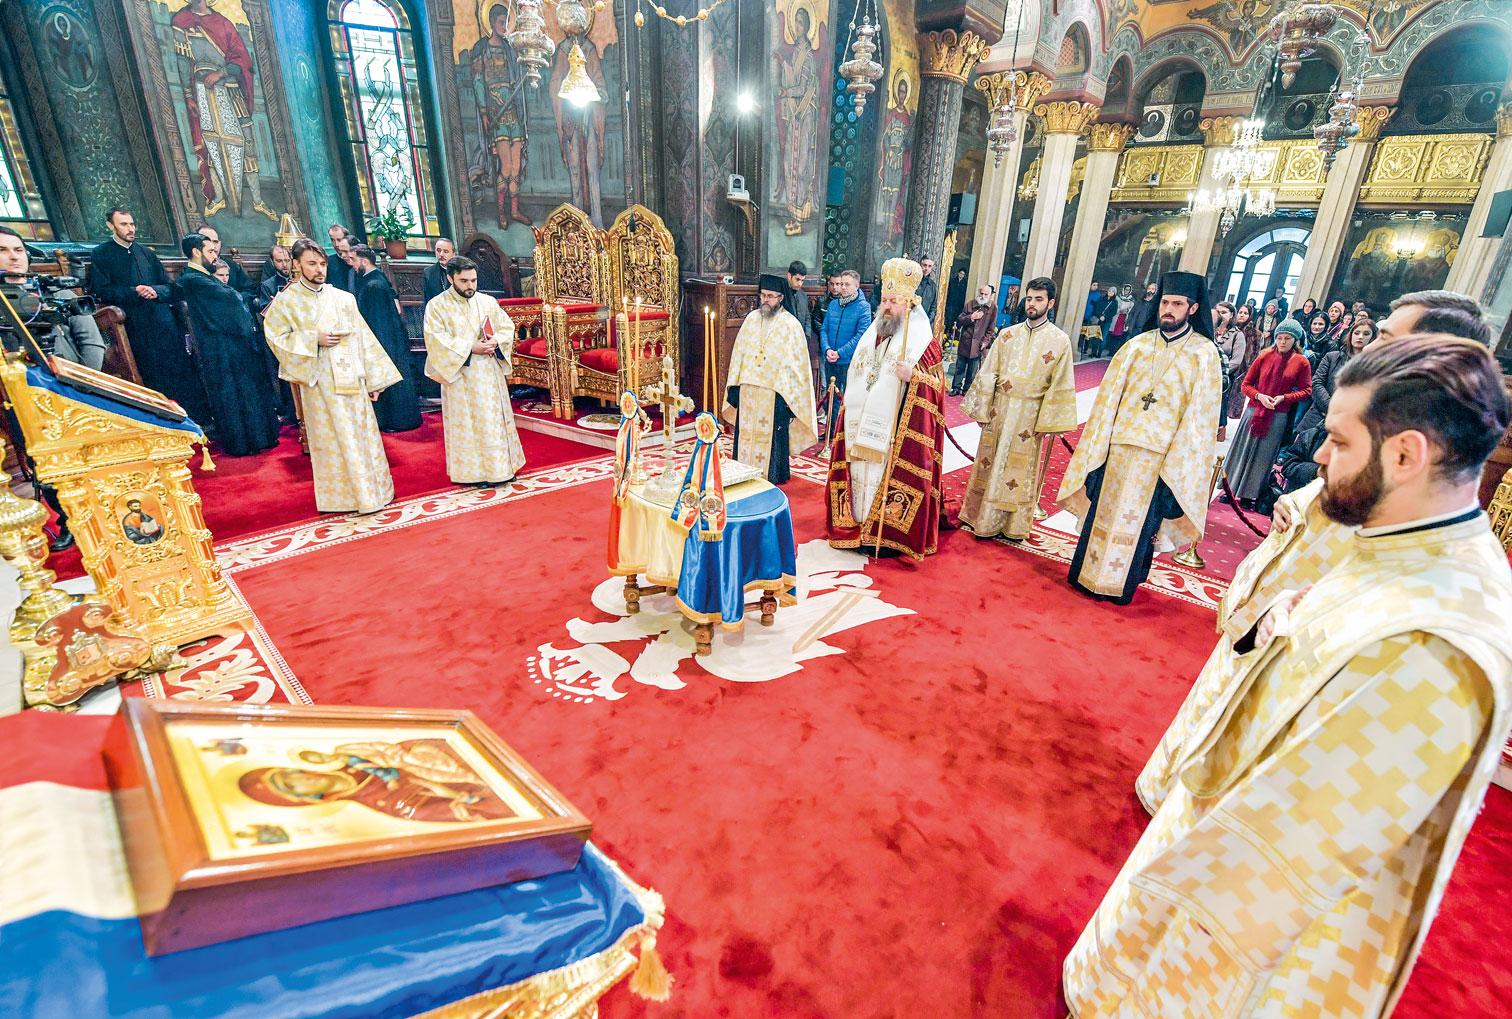 Mulțumire adusă lui Dumnezeu de Ziua Națională a României